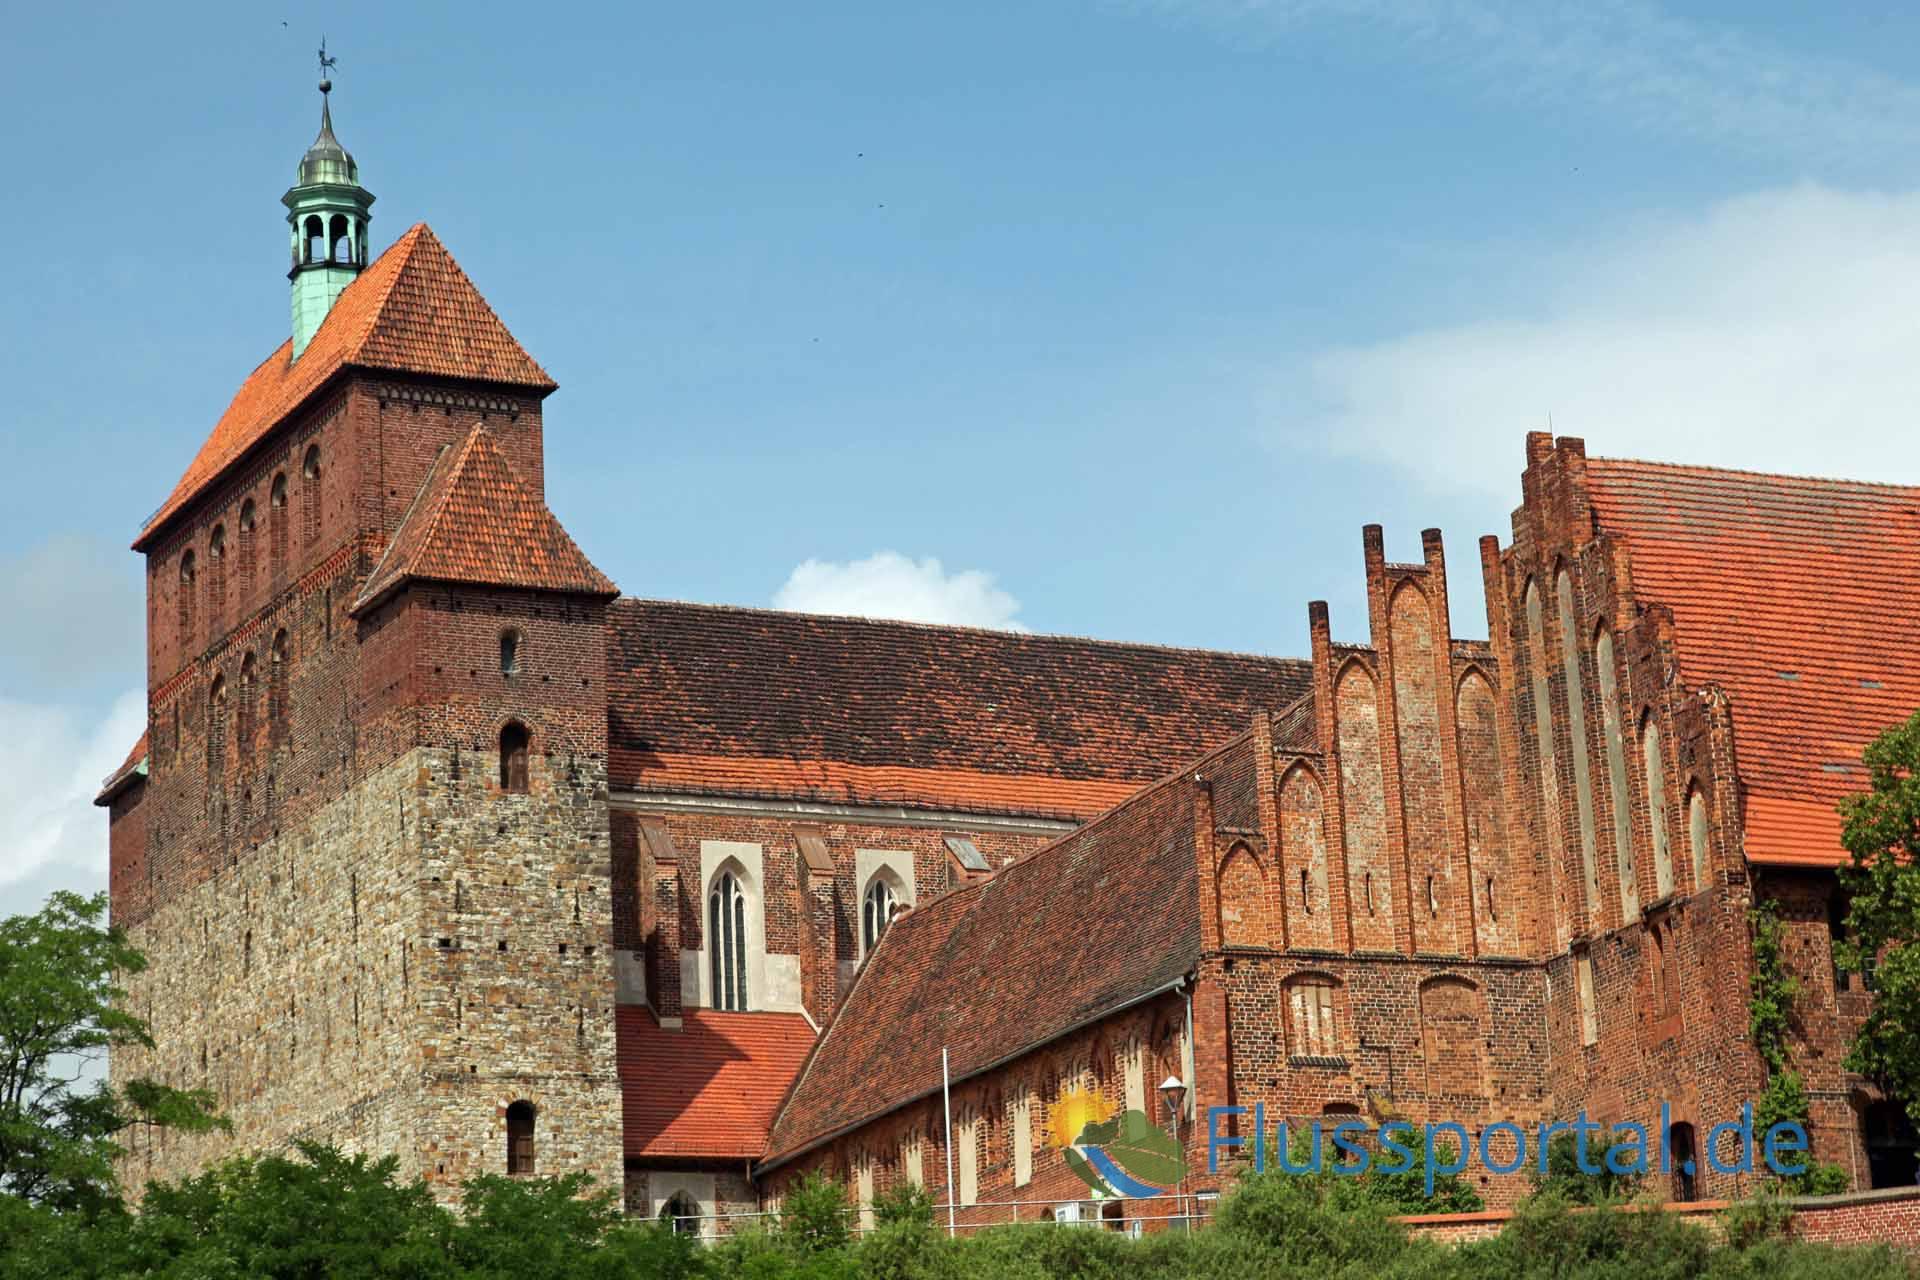 Der Havelberger Dom zeigt Wehrhaftigkeit und Siegeswillen gegenüber den slawischen Fürstentümern.